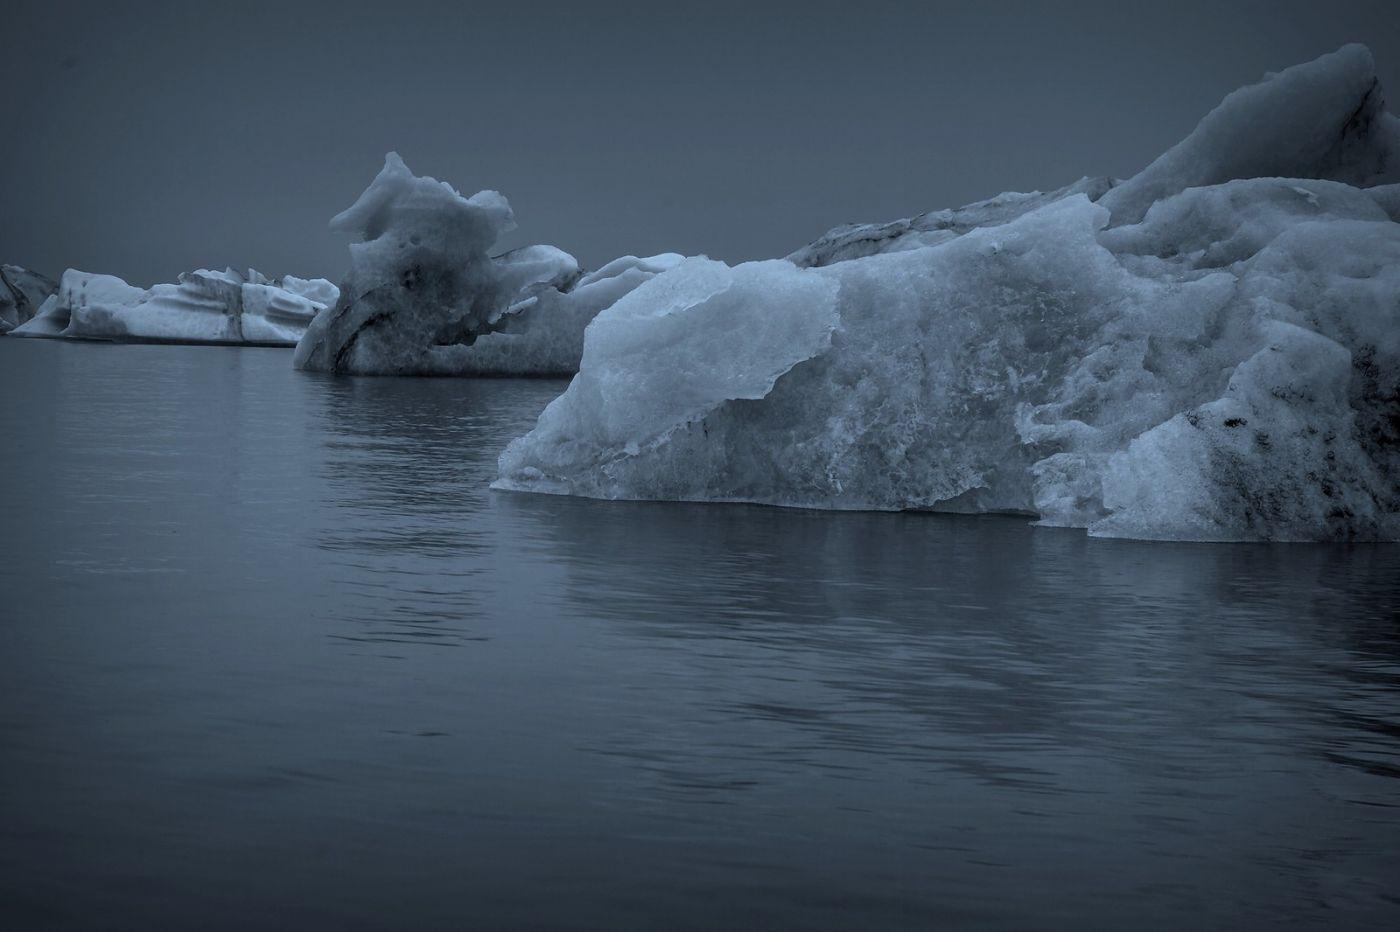 冰岛冰川泻湖(Glacier Lagoon), 湖面上冰川_图1-15